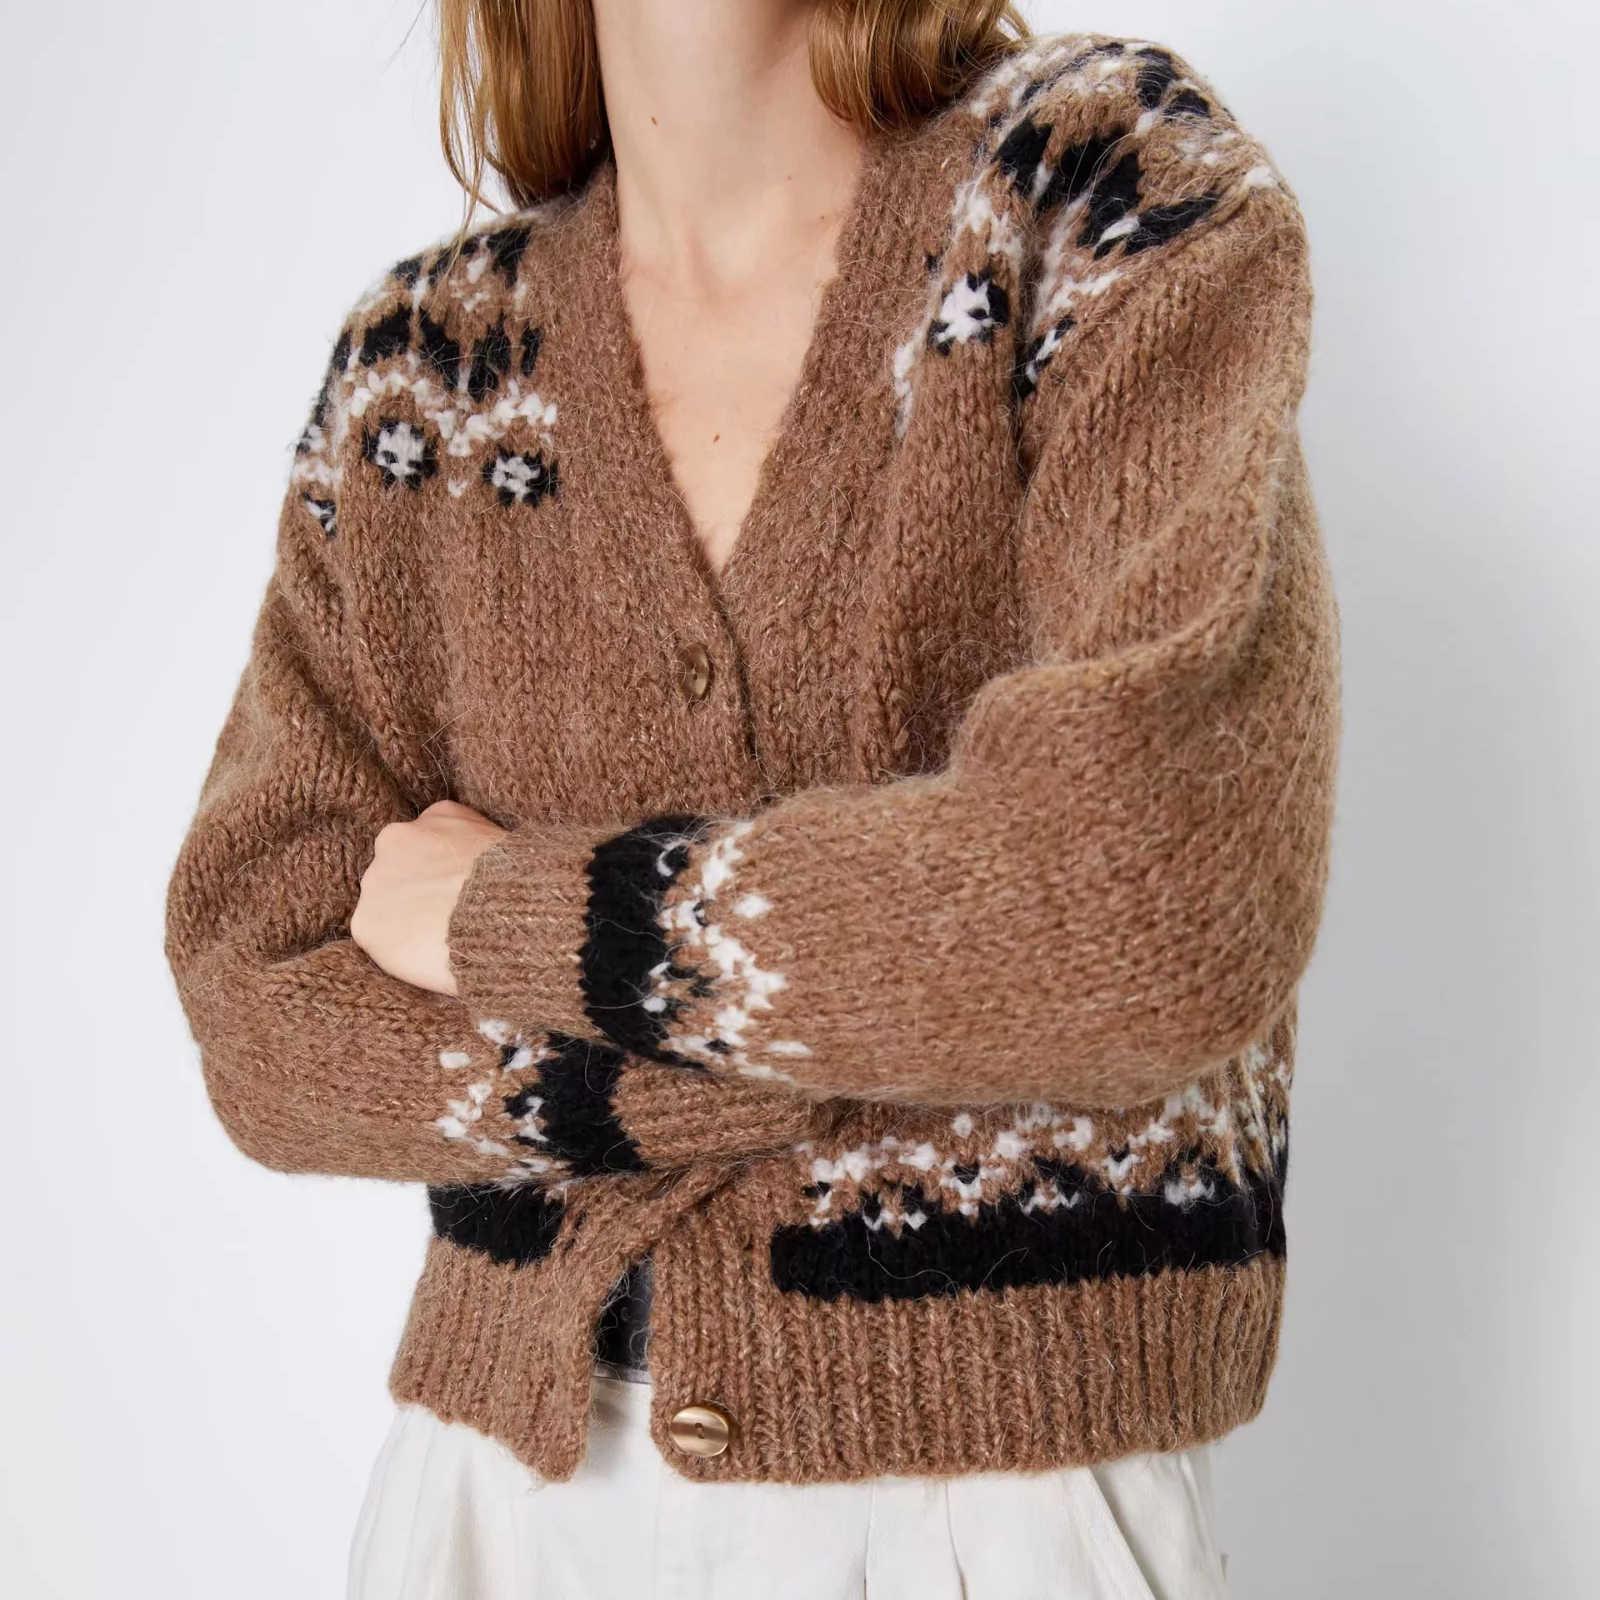 가을 겨울 여성 카디건 스웨터 니트 알파카 울 니트 캐주얼 니트 프린트 카디건 아웃웨어 겨울 자켓 코트